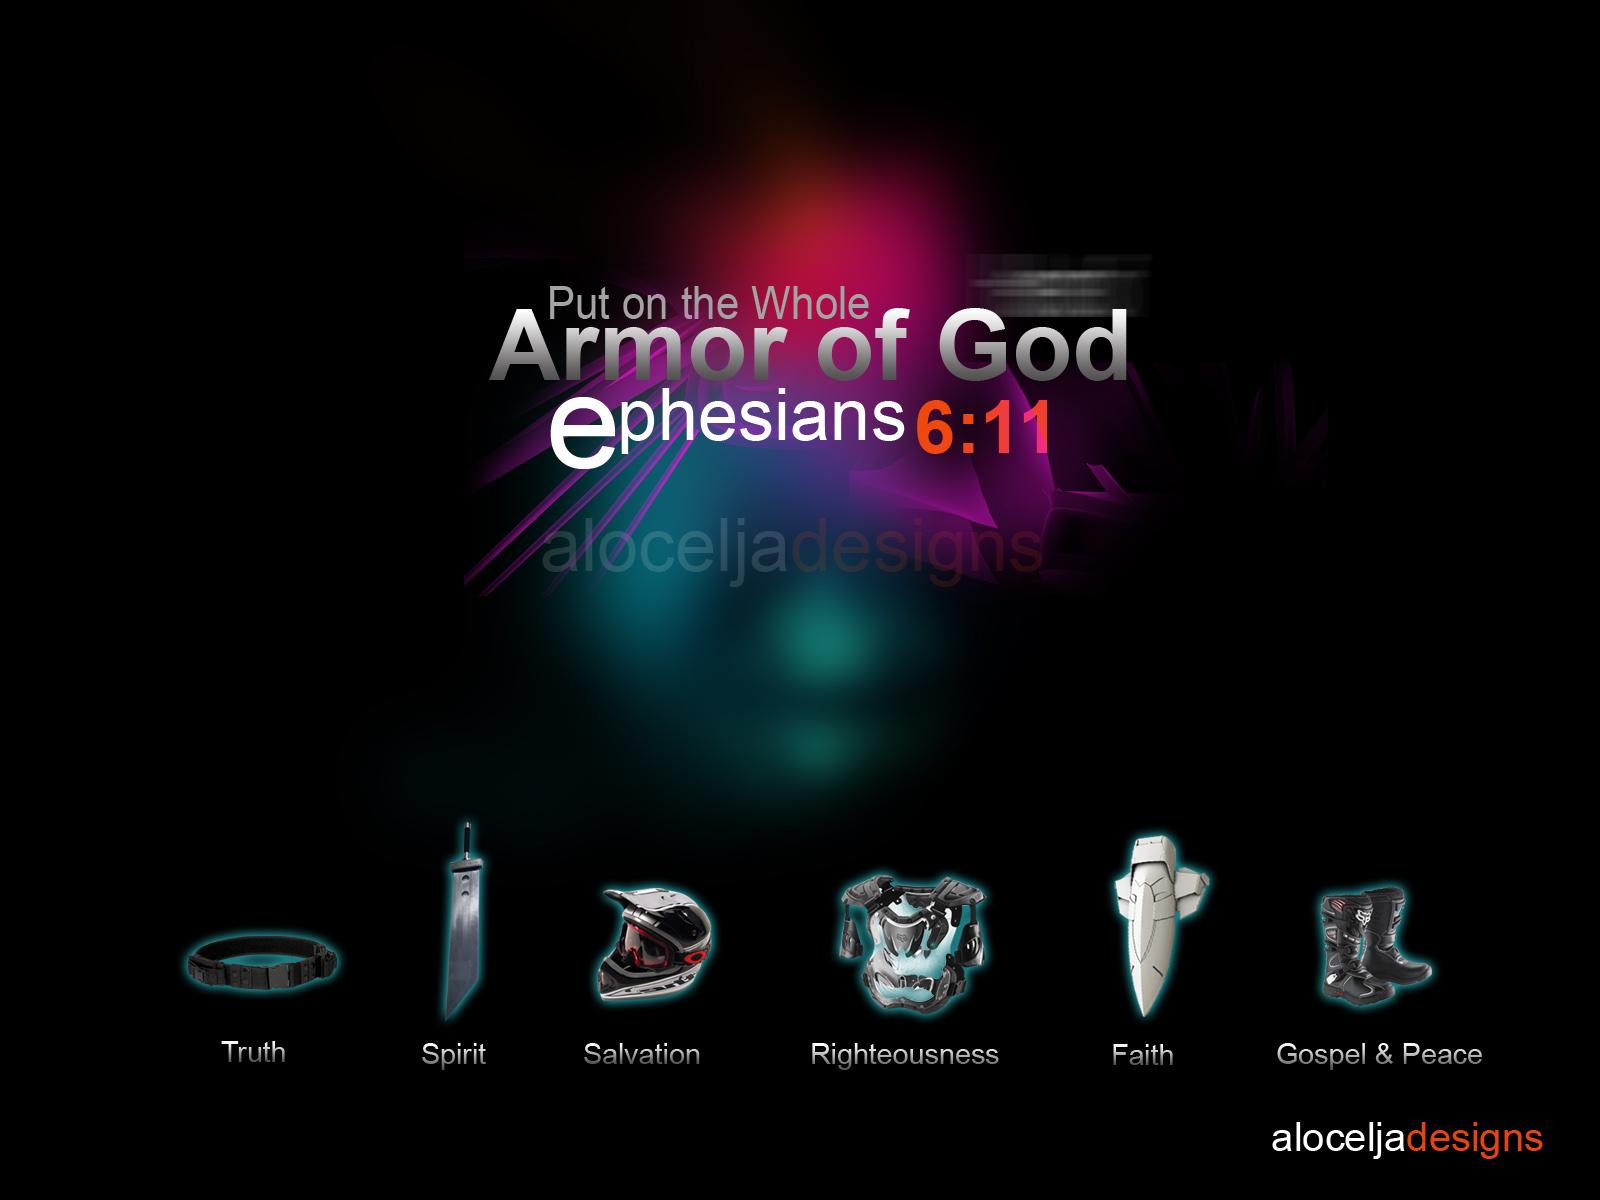 Ephesians 6 11 armor of god wallpaper christian wallpapers and backgrounds - Armor of god background ...